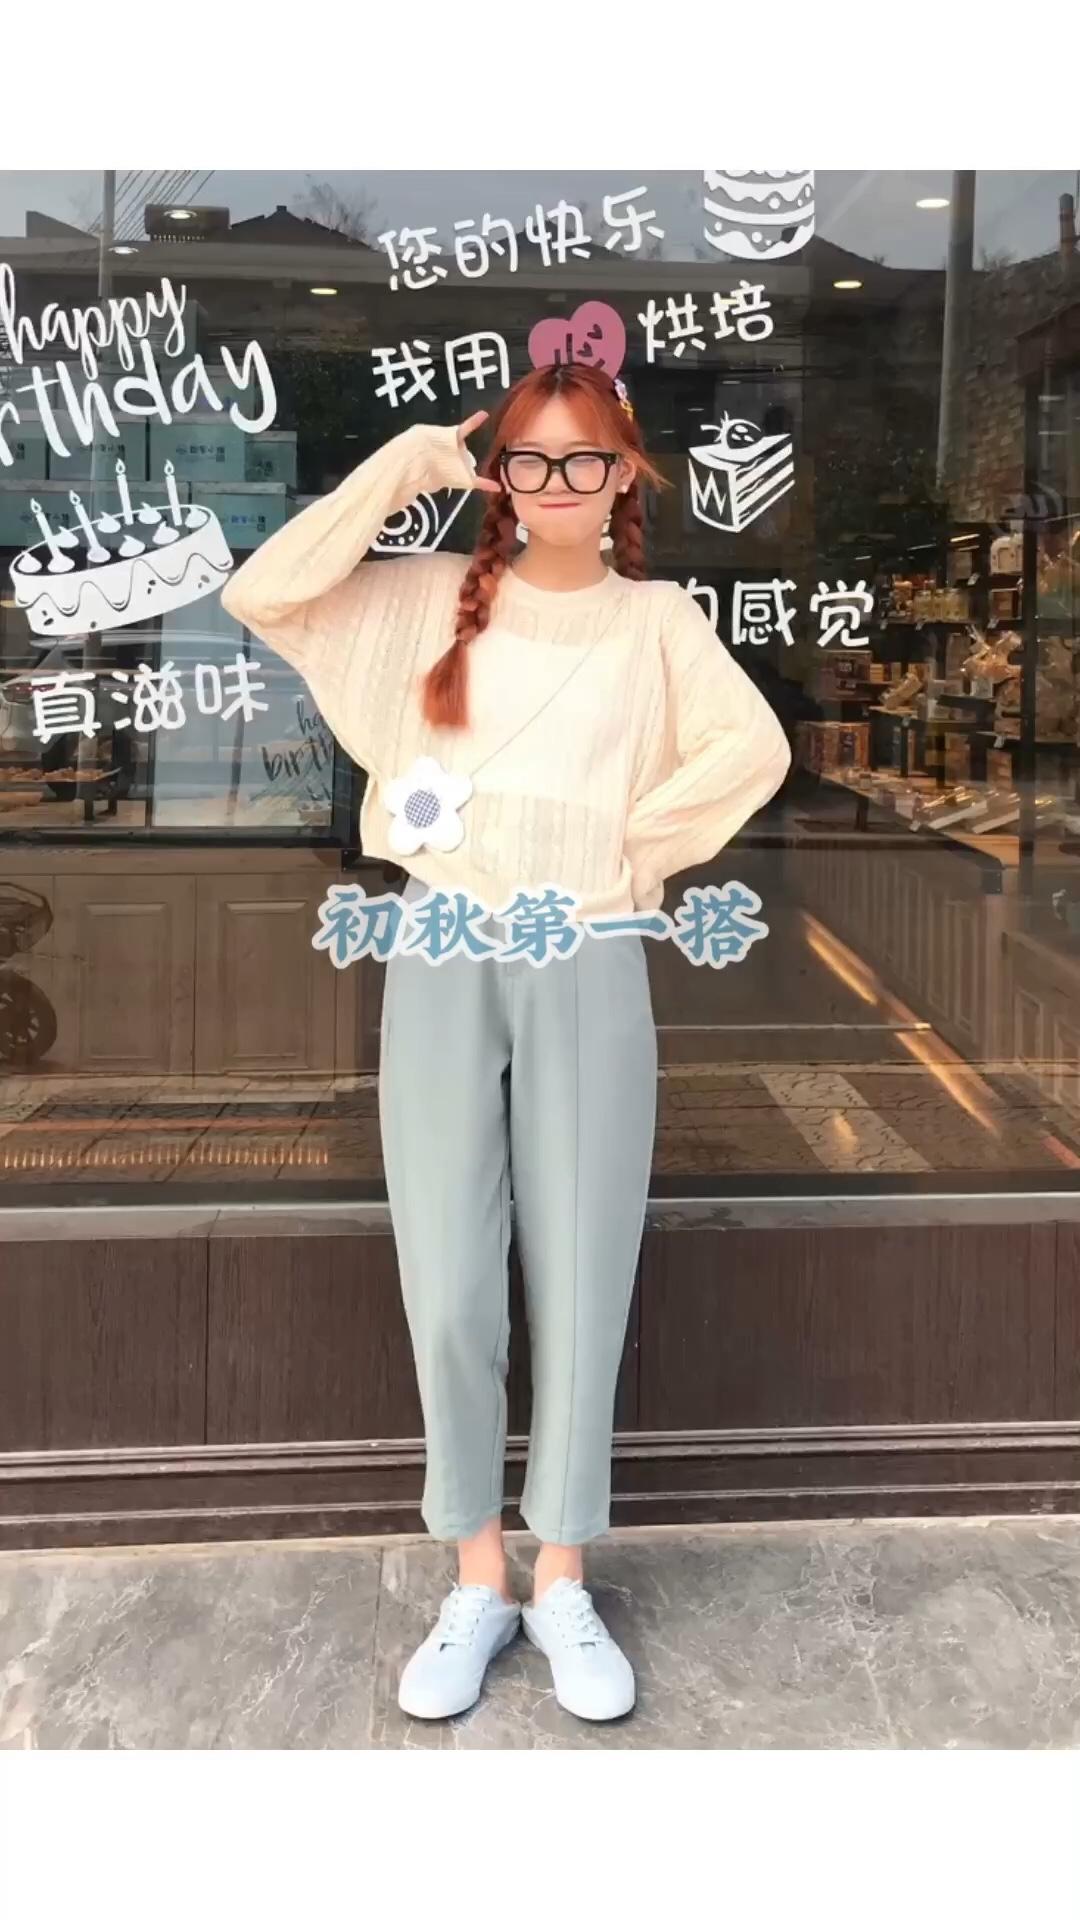 #秋装上新穿搭打卡# 温柔的奶白色针织罩衫 刚好是初秋的最好选择哦 搭配一个蓝绿色的西裤,这一套日常又气质 早秋别忘了给自己安排一身 搭配同色系的帆布鞋也日常好看哦